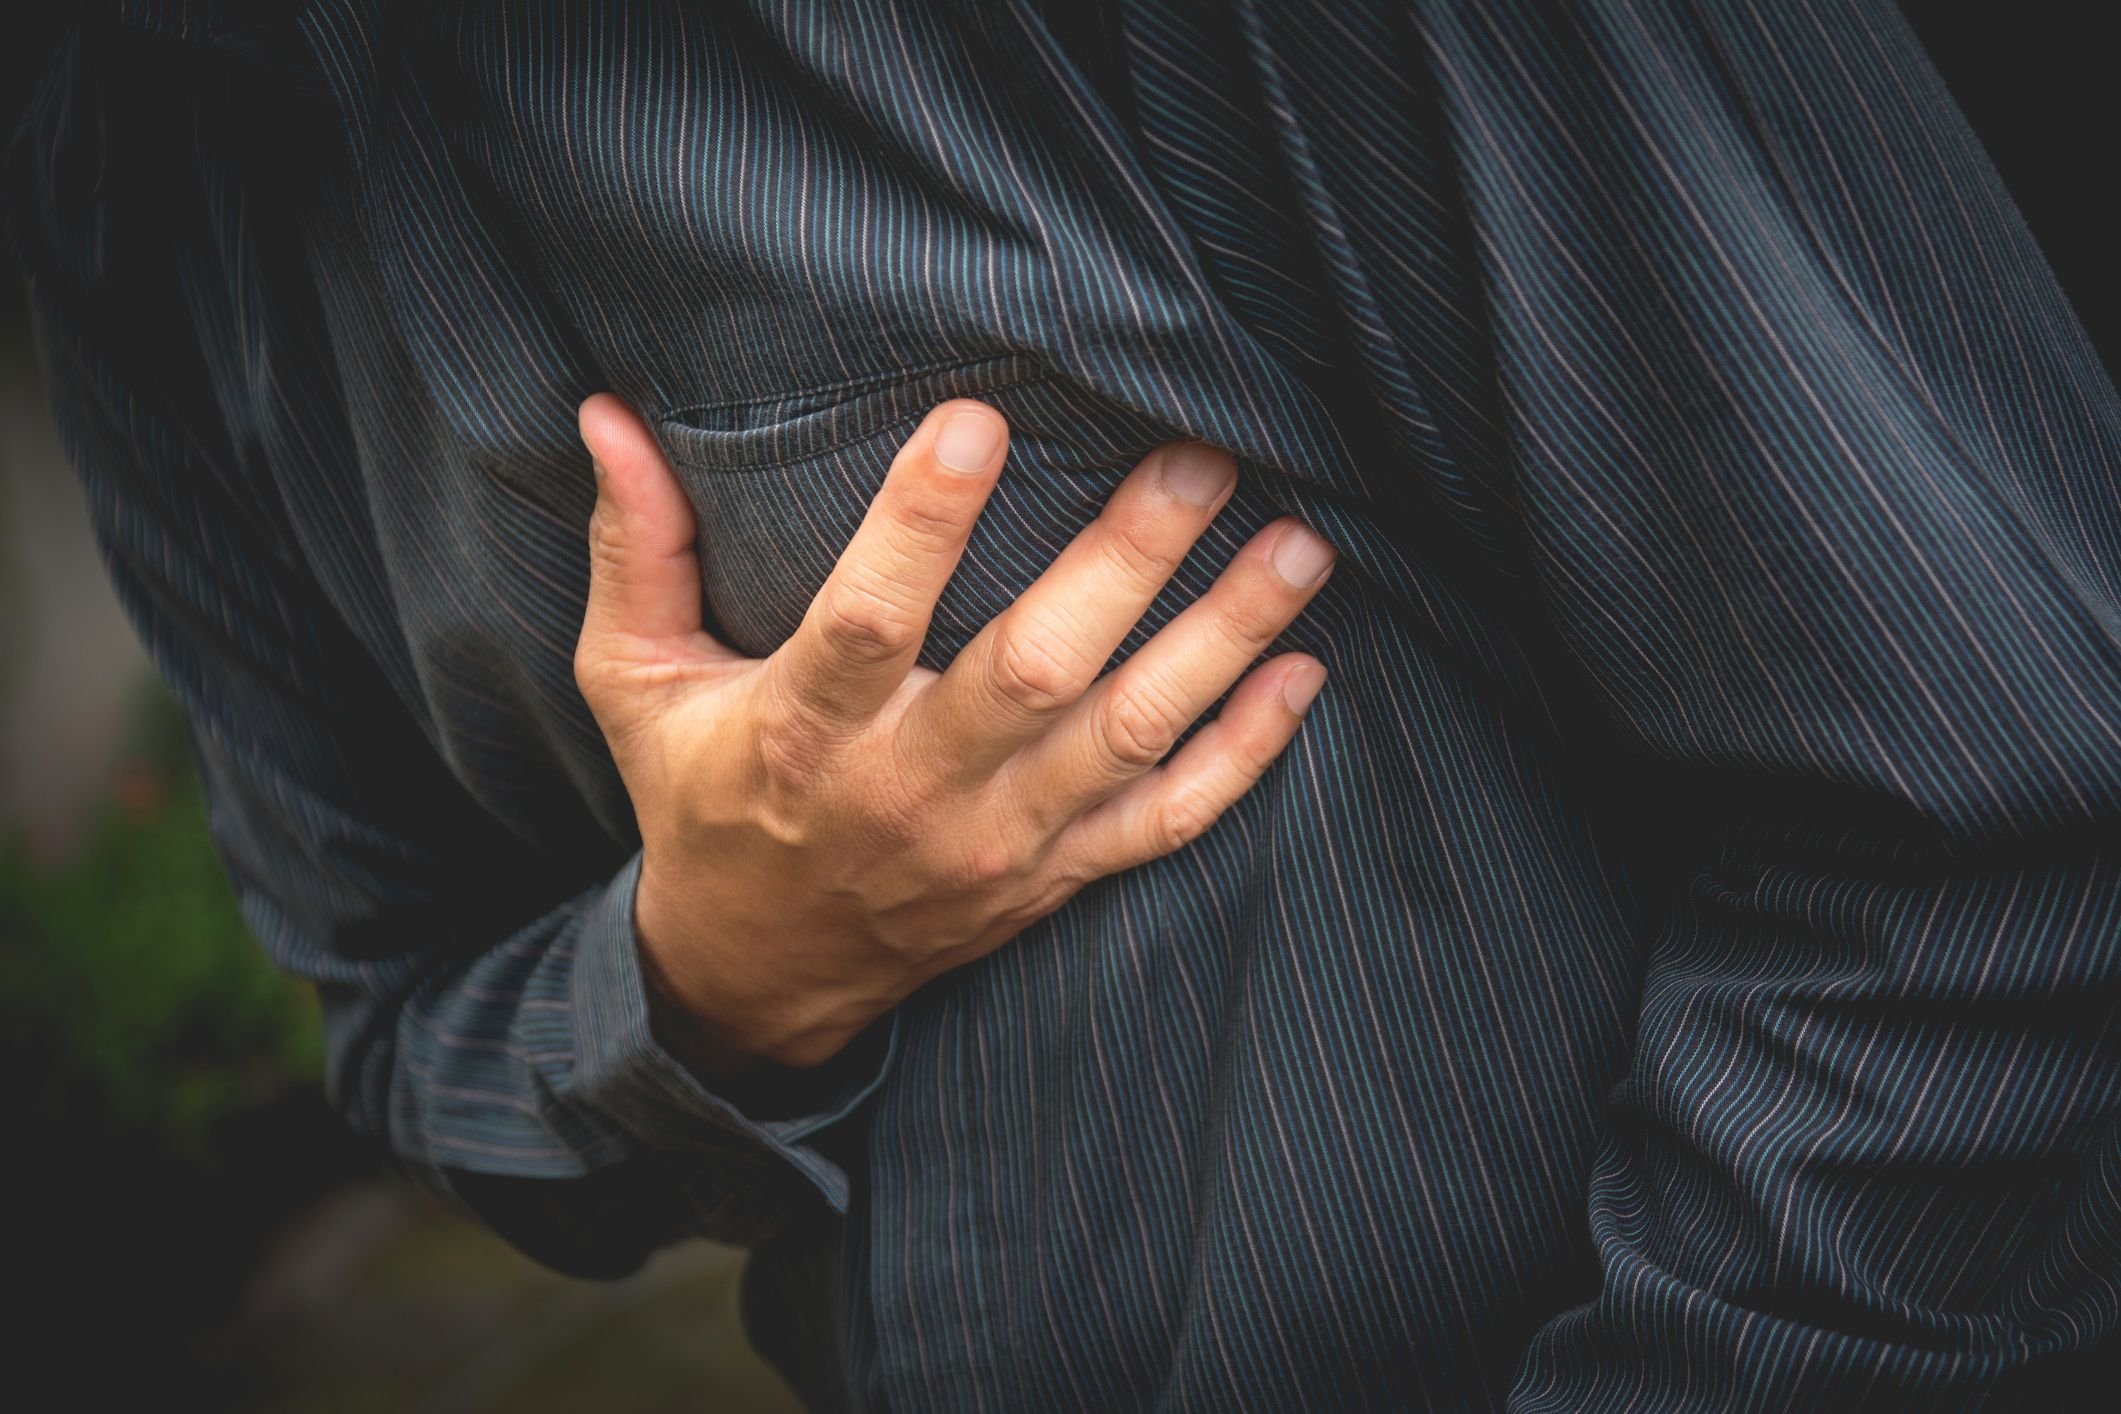 Импотенция у мужчин может сигнализировать о приближающемся инфаркте